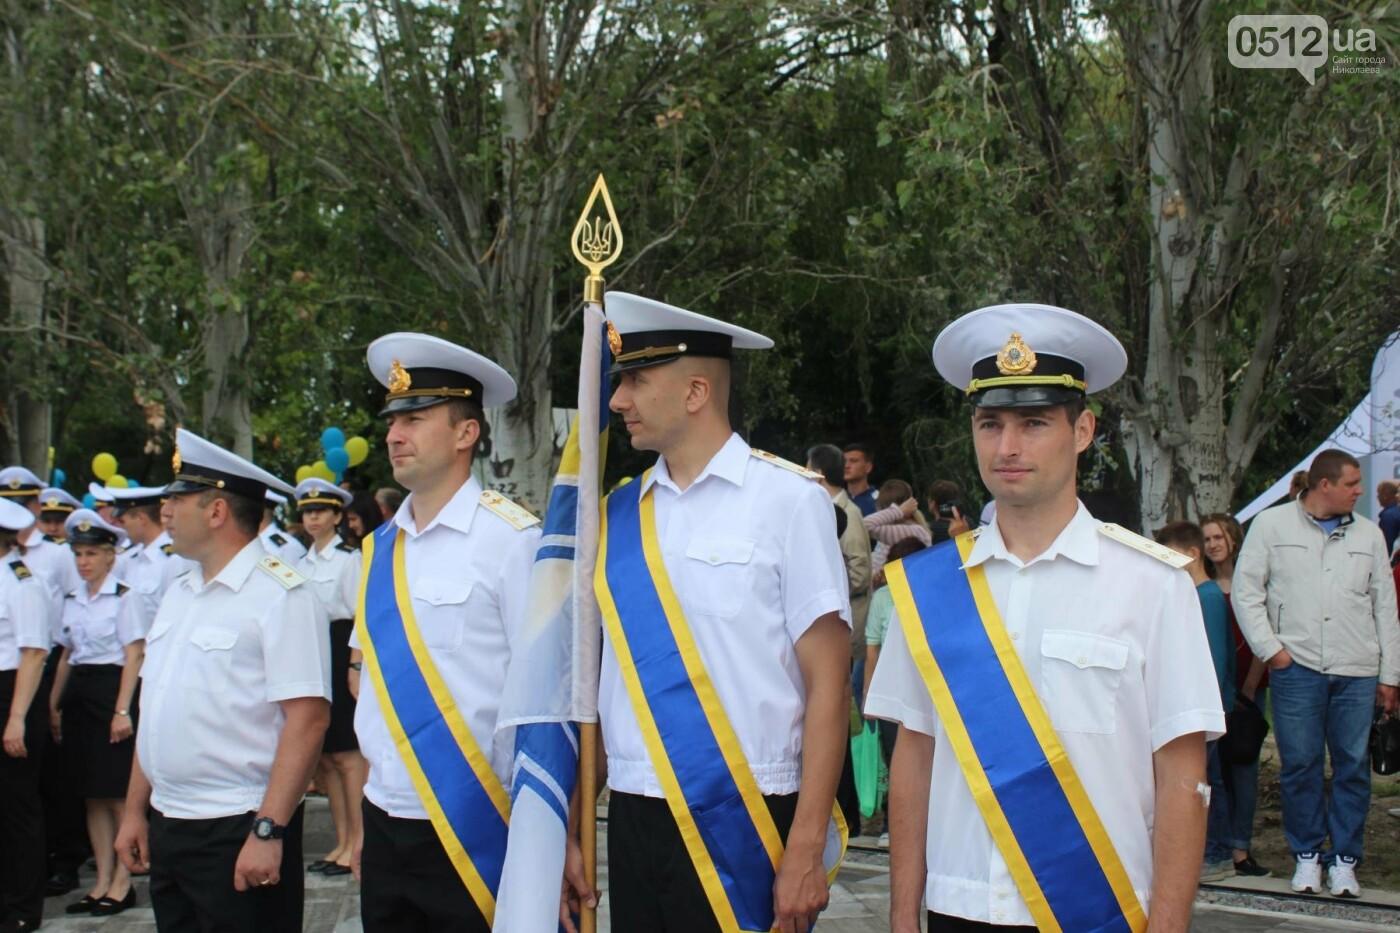 Полевая кухня, марш военных и выставка техники: как в Николаеве отмечали День ВМС Украины, фото-5